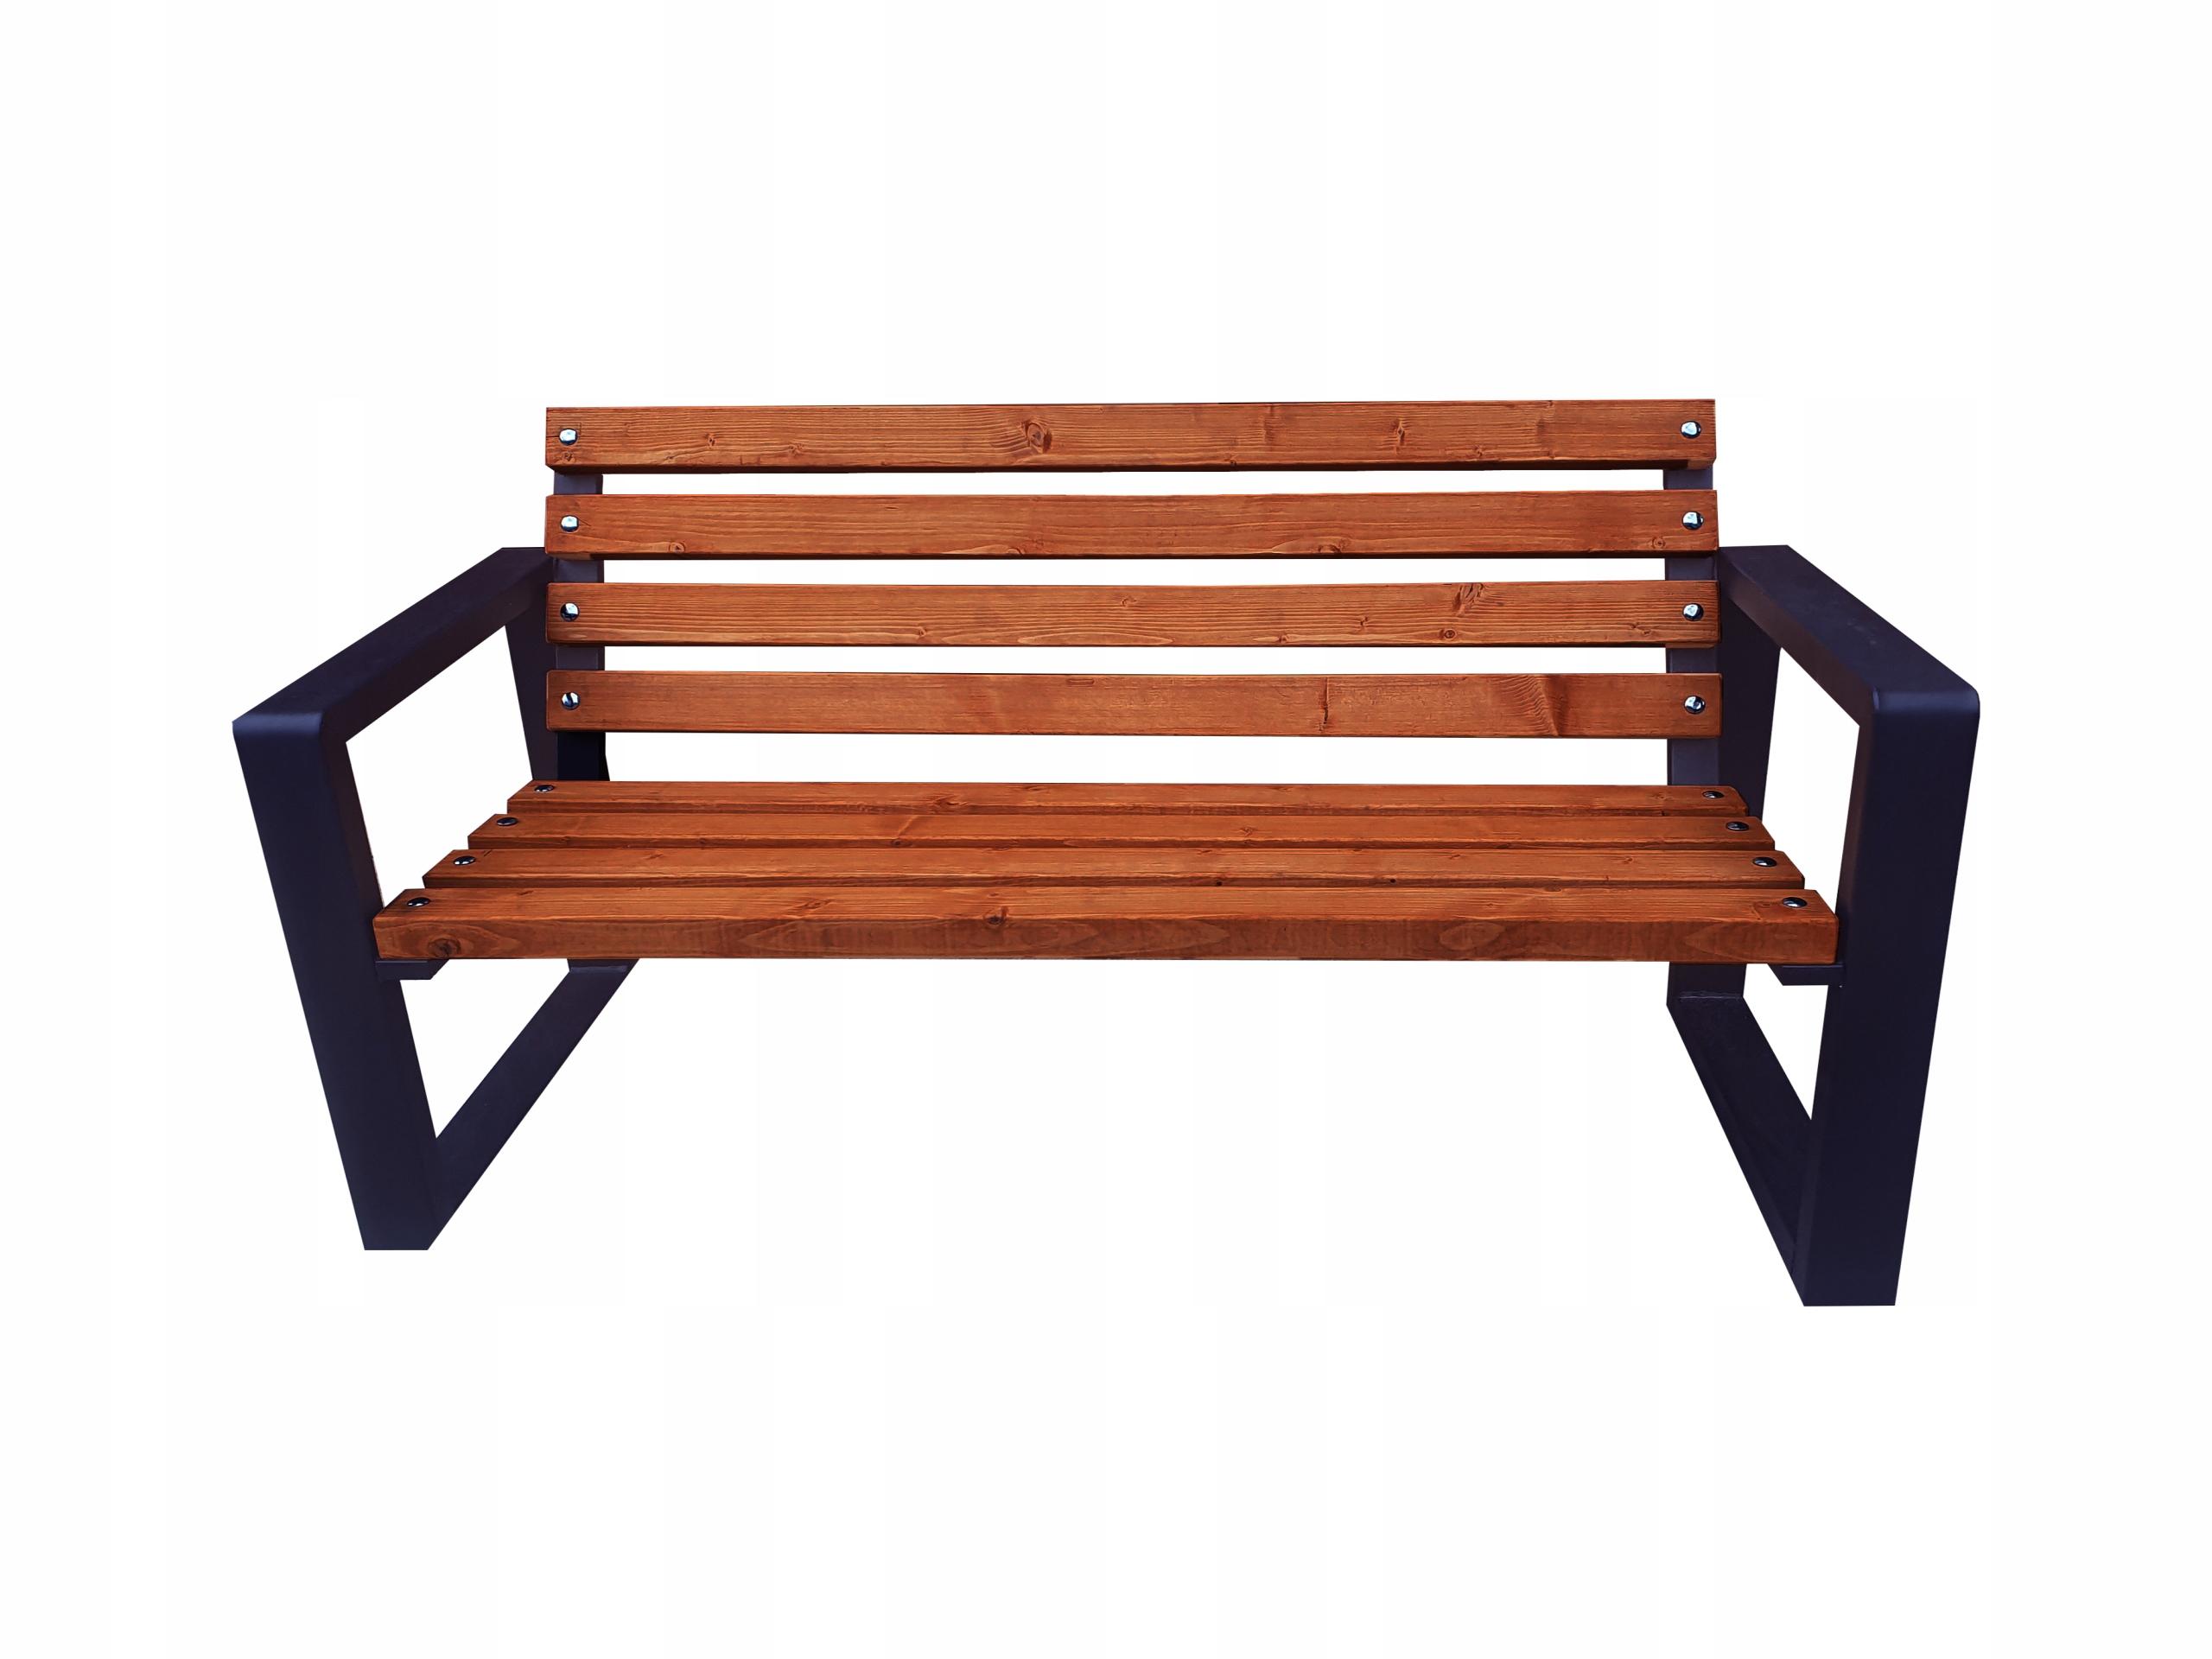 Mestská lavica 180 cm Hmotnosť produktu s jednotkovým balením 25 kg